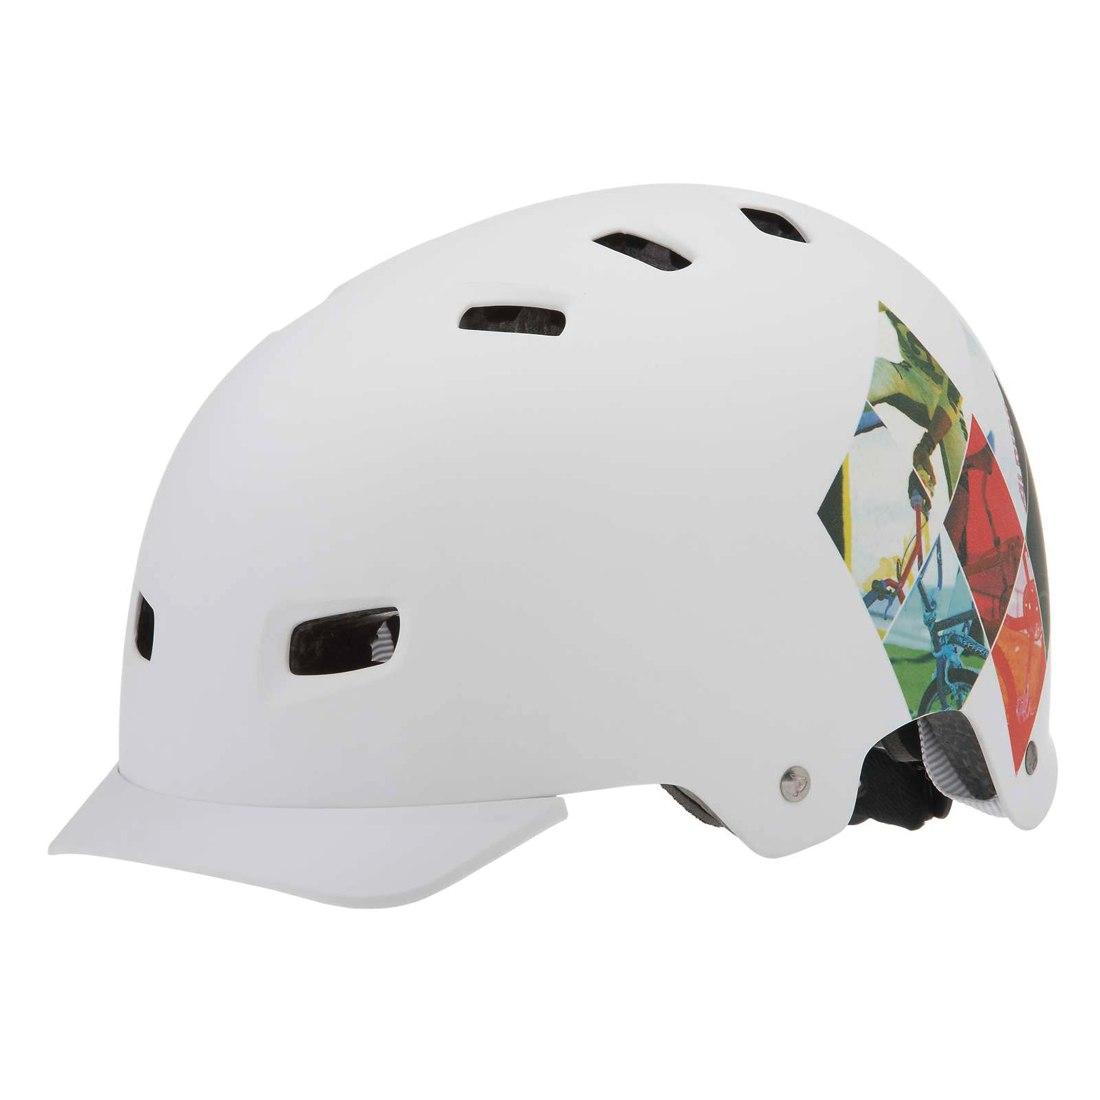 Летний Шлем Alpina 2017 Alpina Park White Print